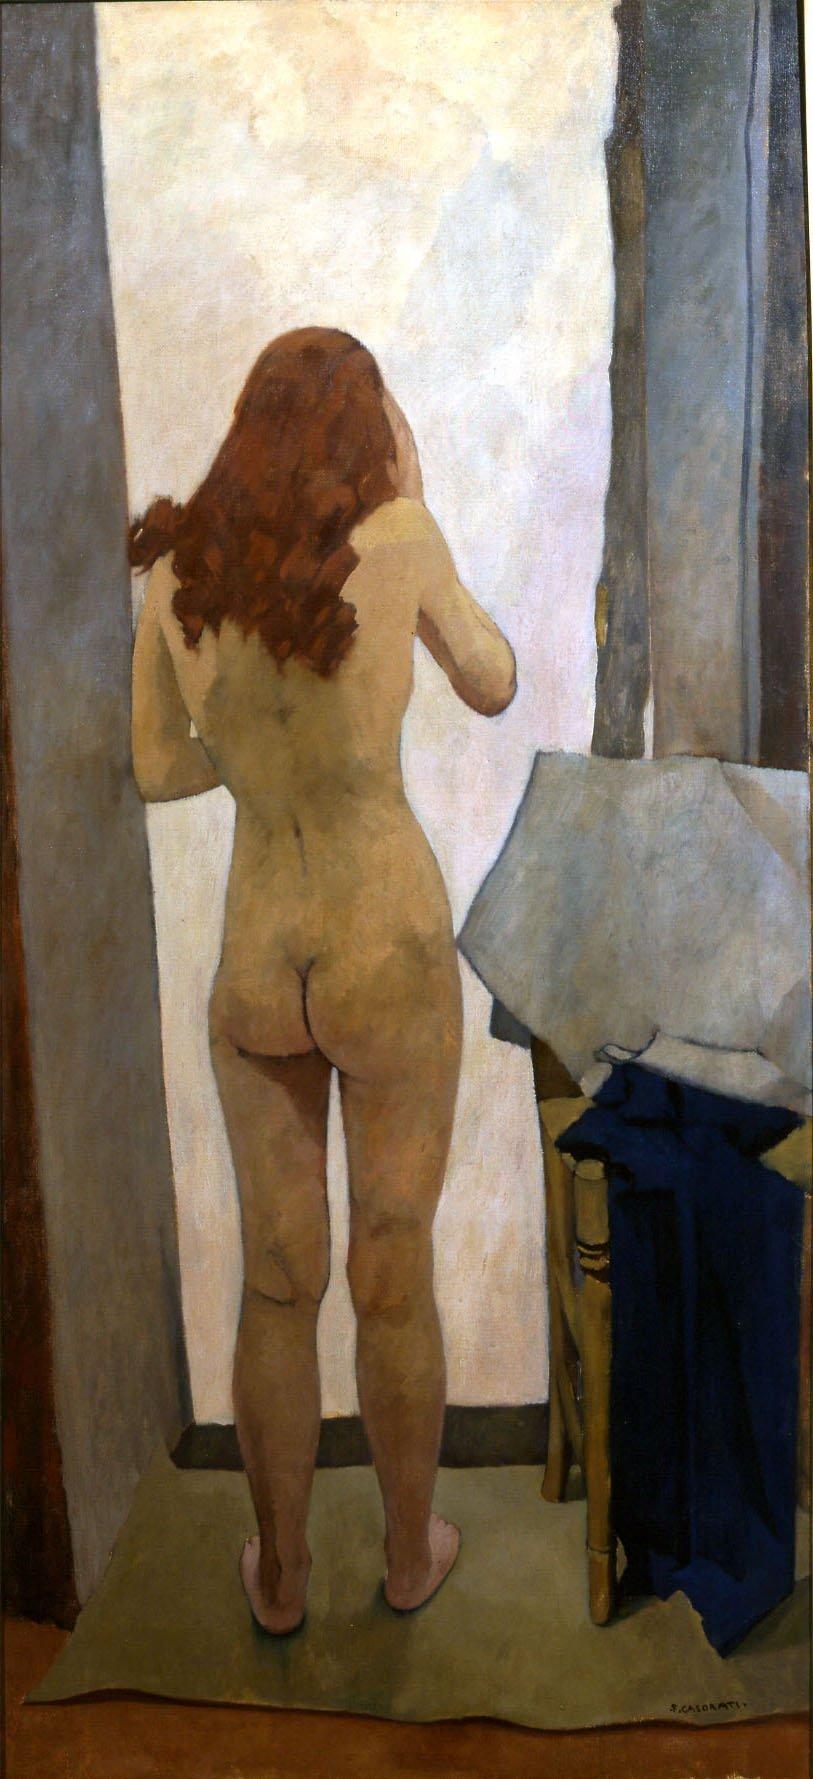 Felice Casorati, Nudo di schiena, 1939, olio su tela, cm 160x74